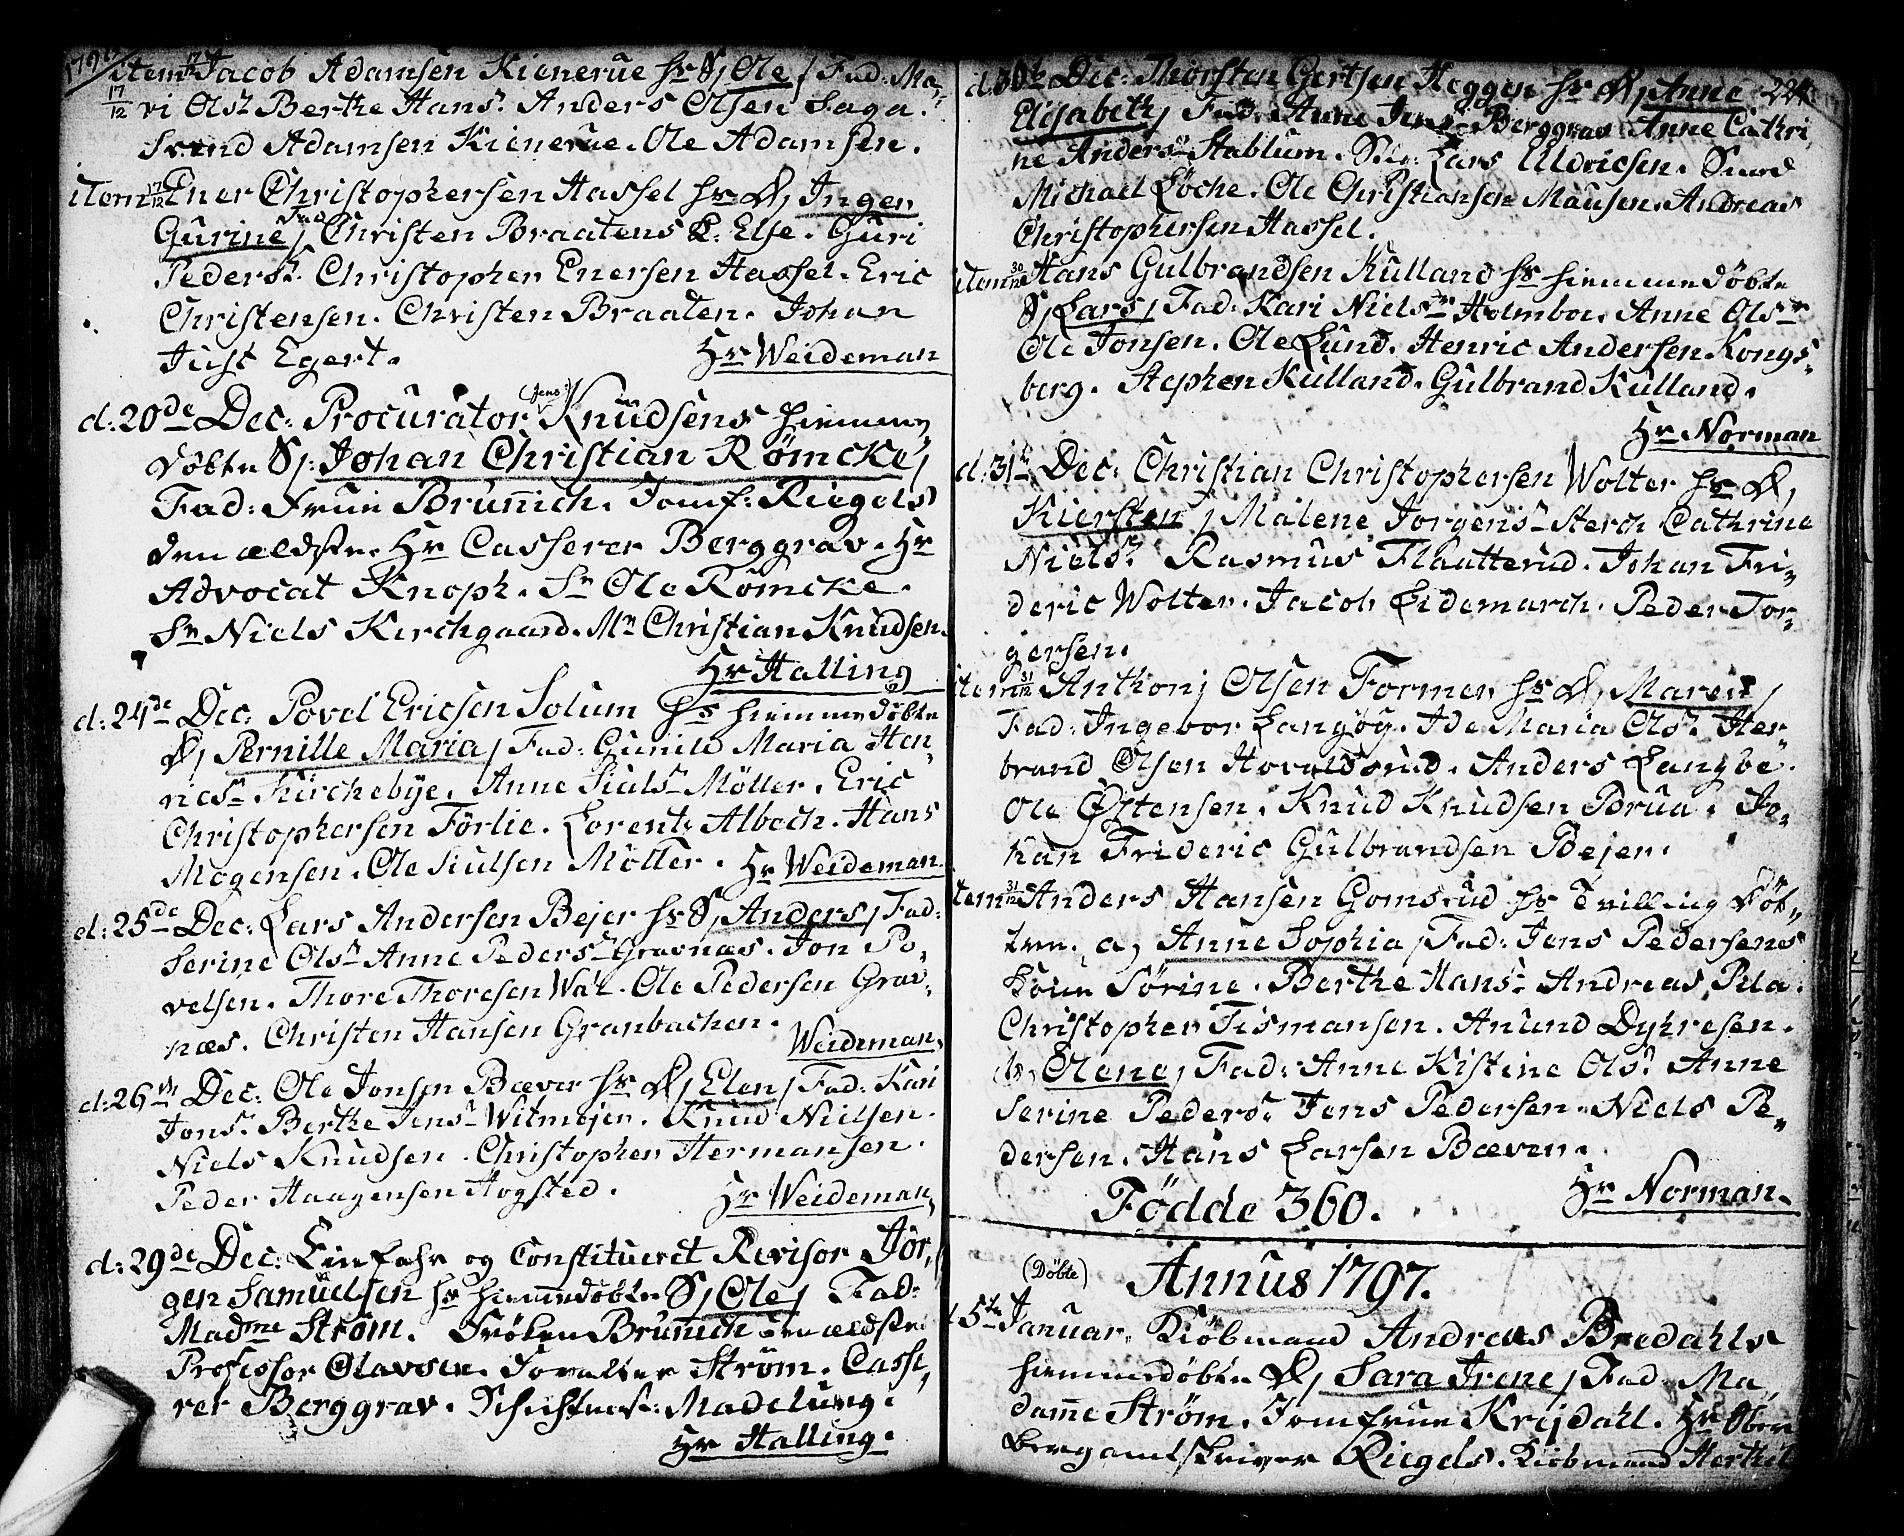 SAKO, Kongsberg kirkebøker, F/Fa/L0006: Ministerialbok nr. I 6, 1783-1797, s. 224